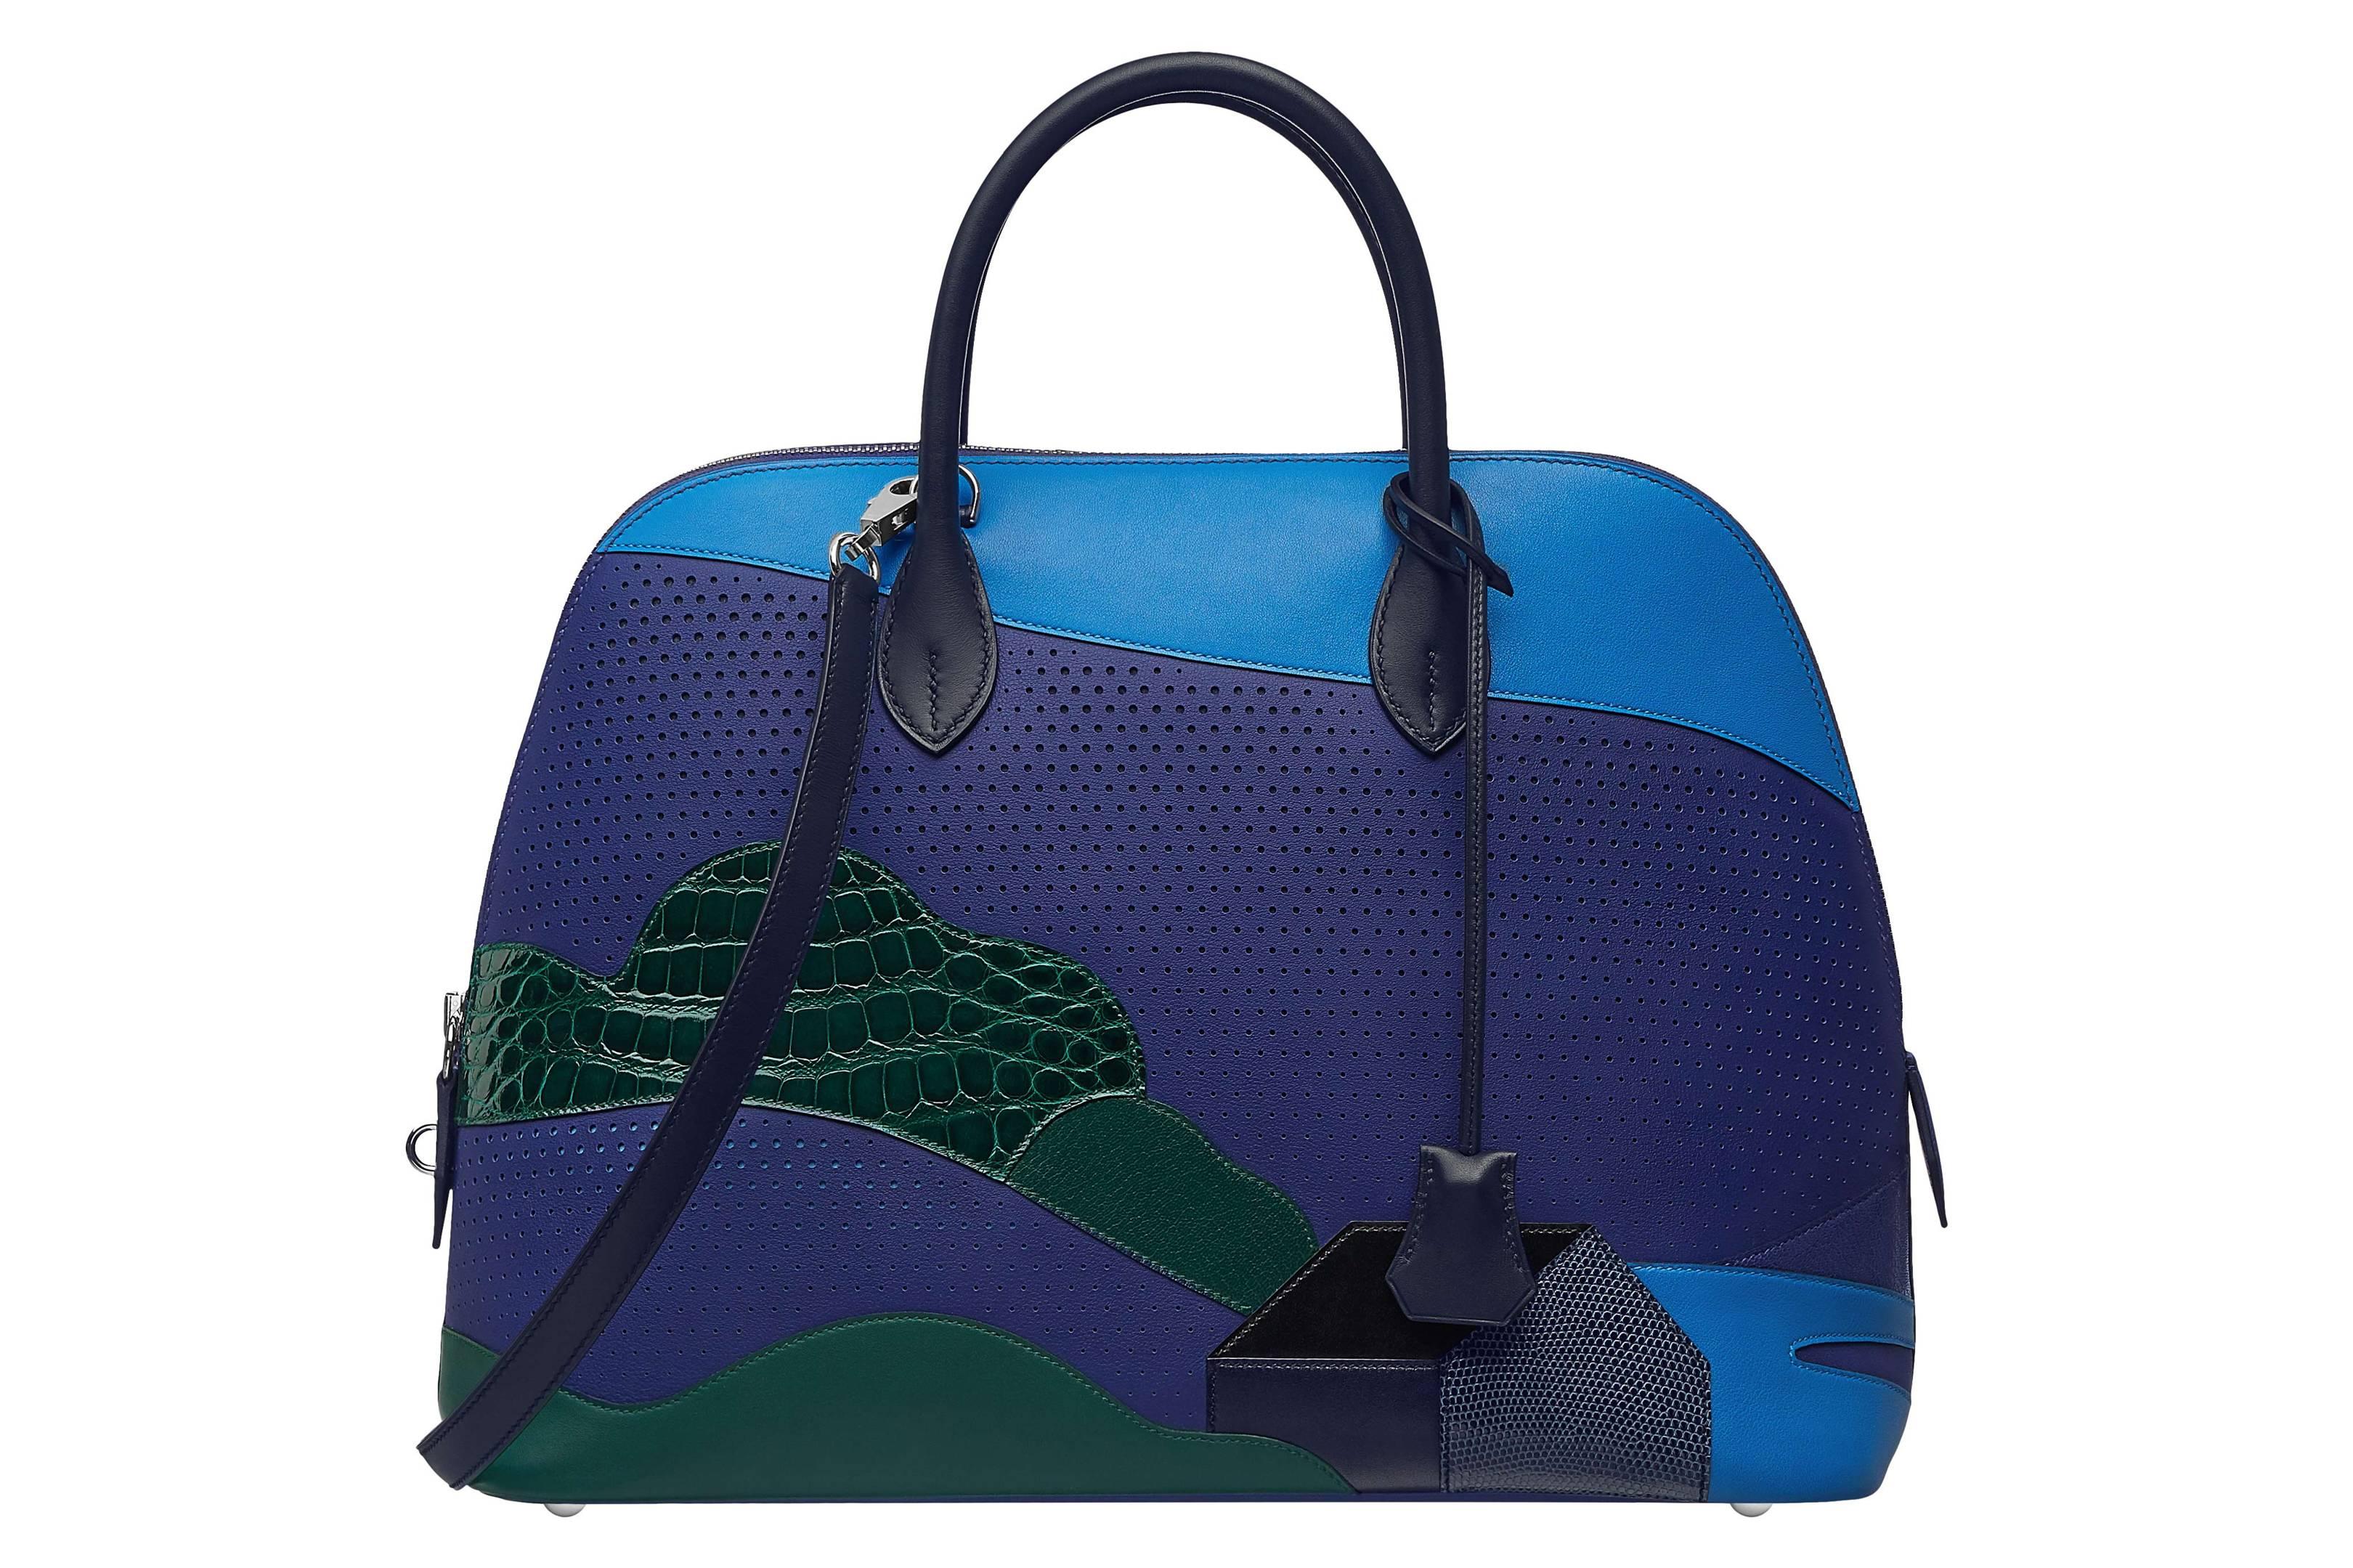 3e1c336011f The Hermès Bag - The Most Famous Styles | British Vogue